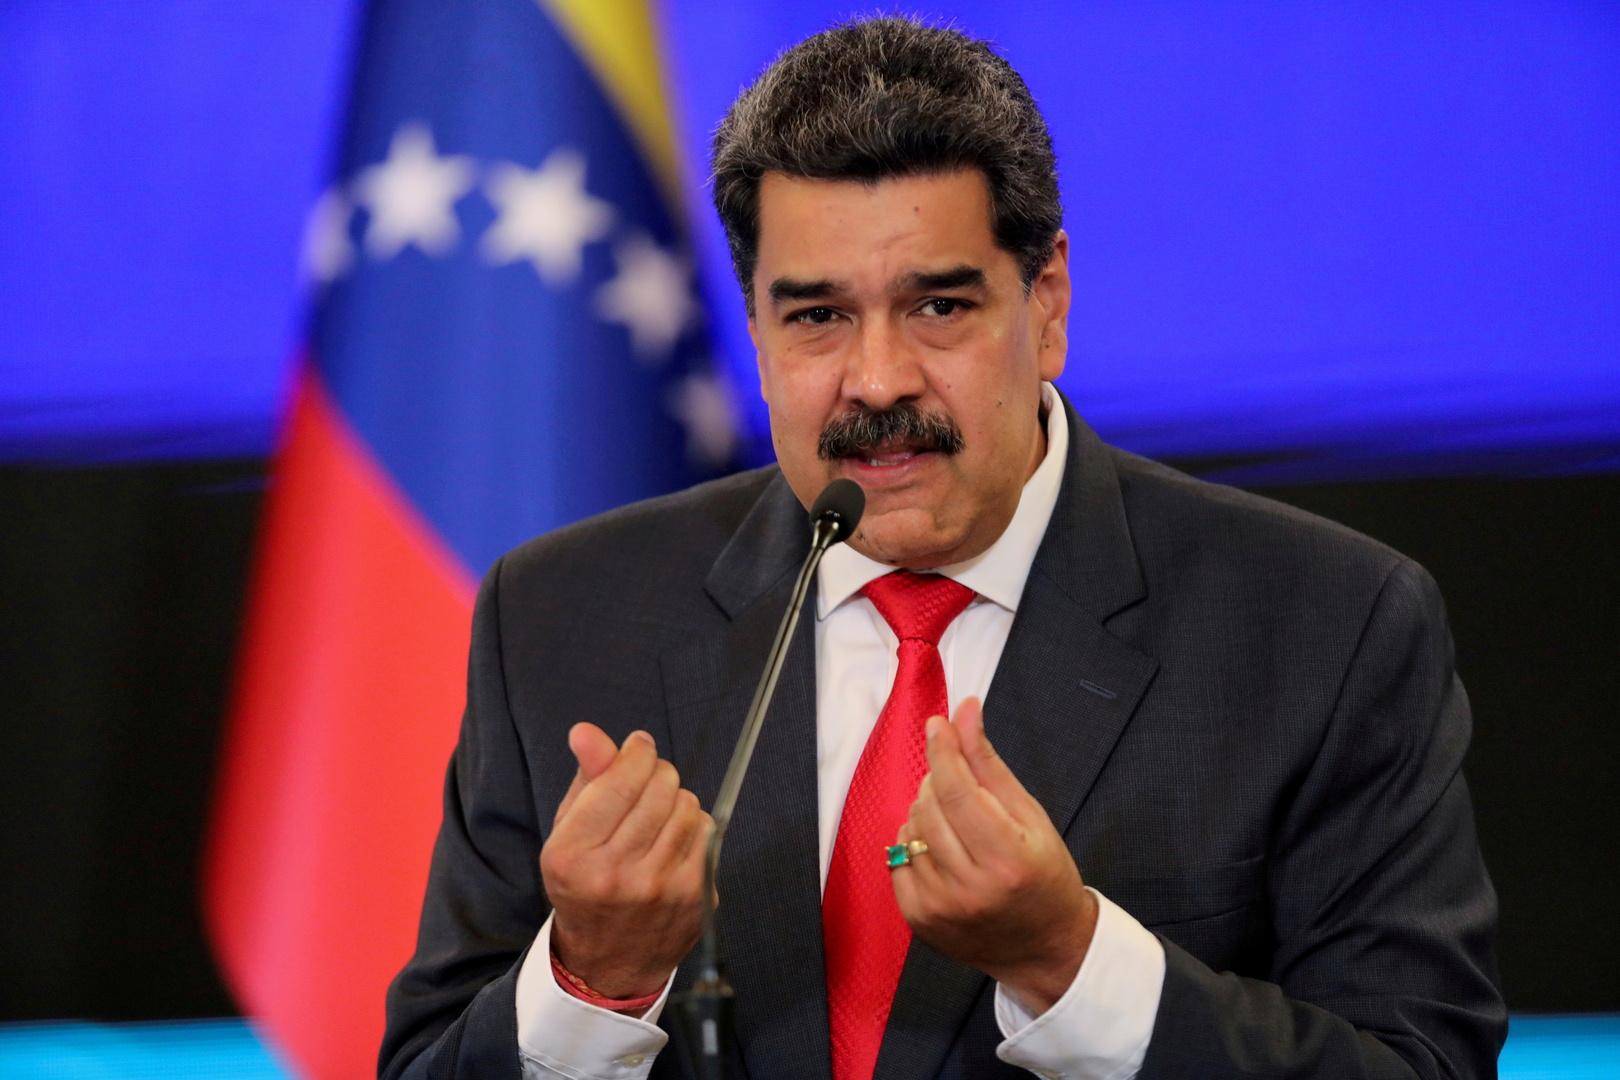 مادورو يحدد شروط الحوار مع المعارضة